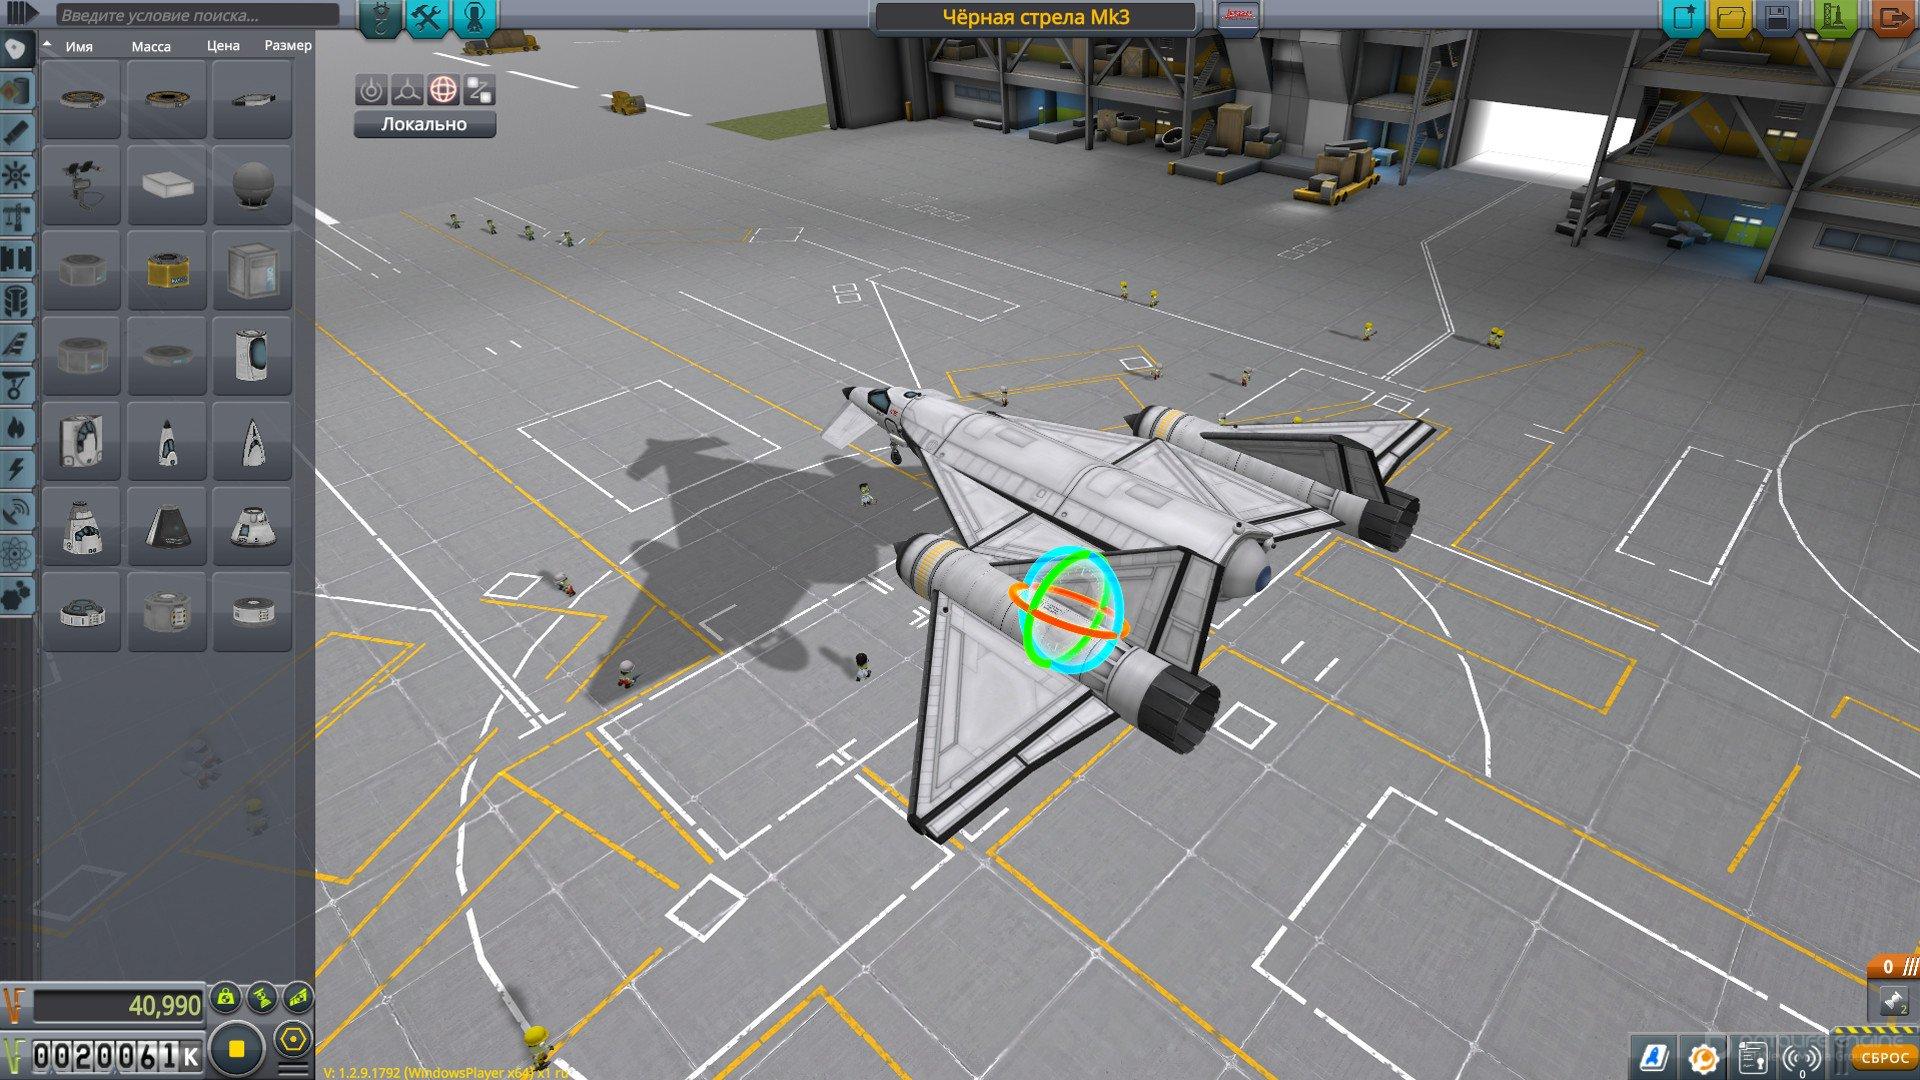 Скриншот к игре Kerbal Space Program [v 1.12.2.03167 + DLC] (2017) скачать торрент RePack от R.G. Механики